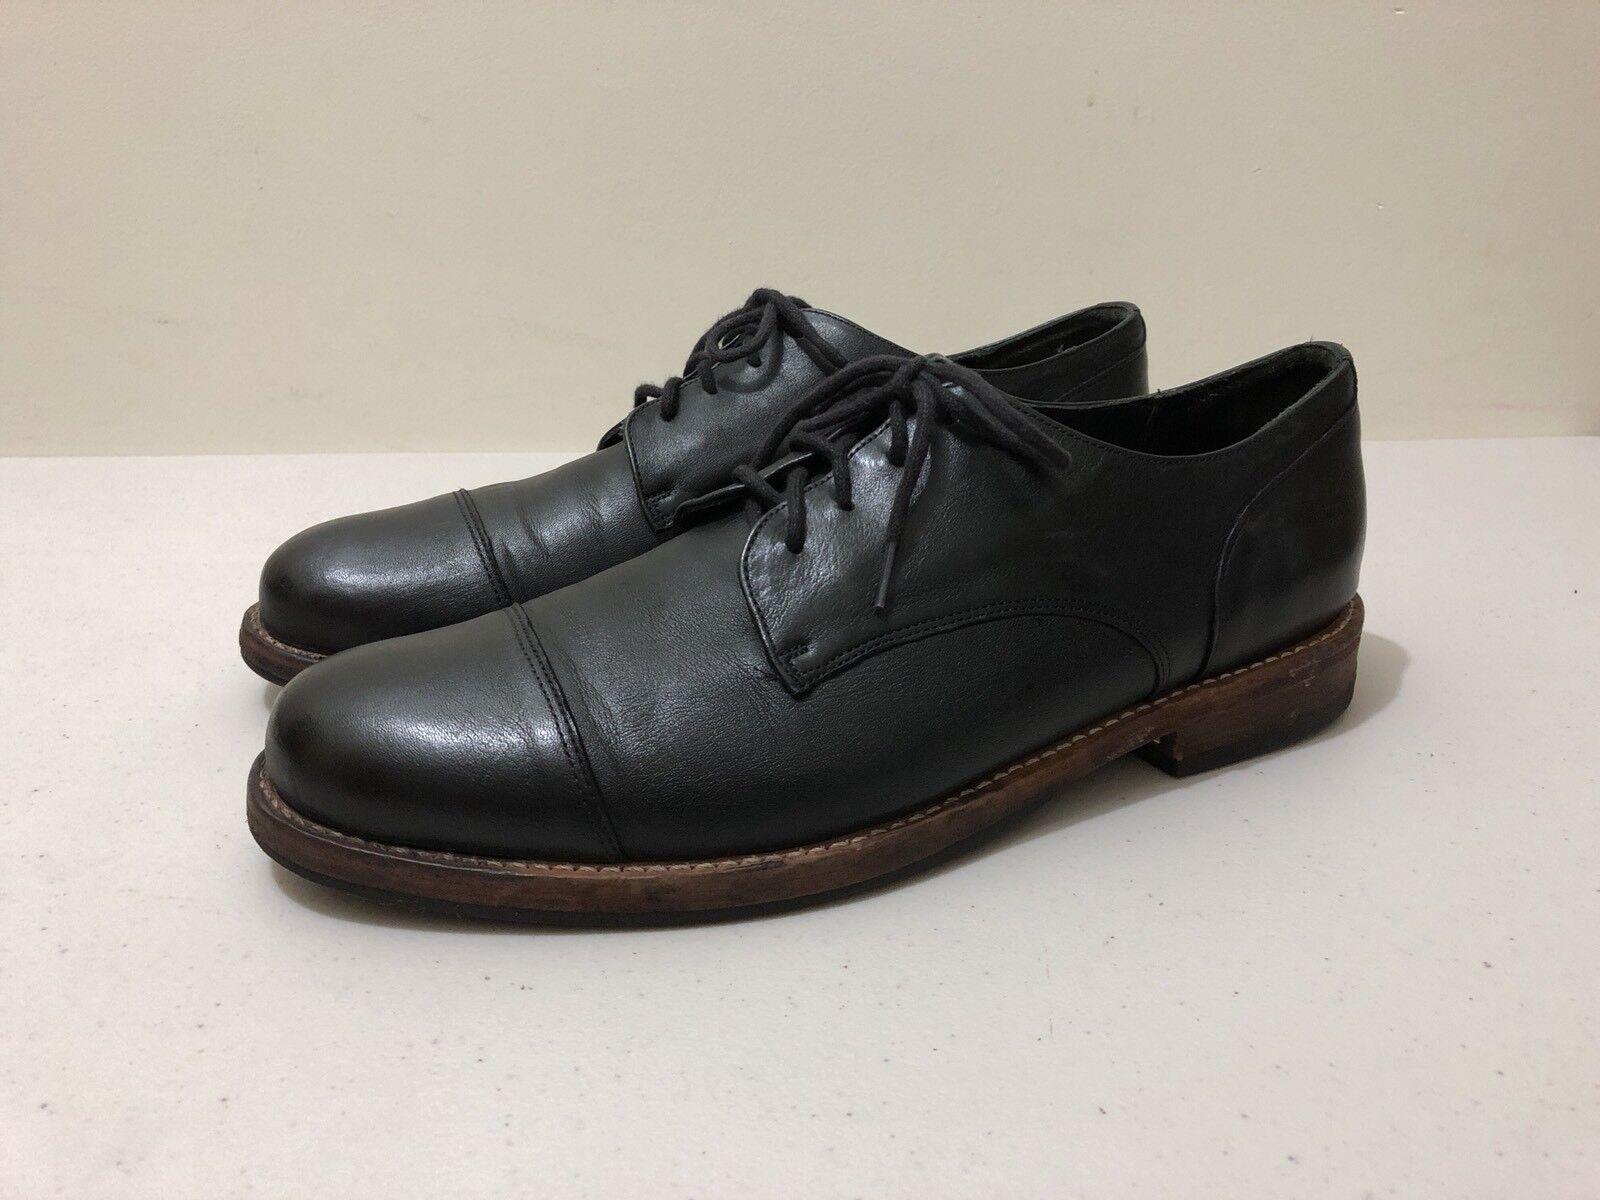 Zapatos De Cuero Belmore para hombre   Excelente Cond Estilo con cordones de negocios formal